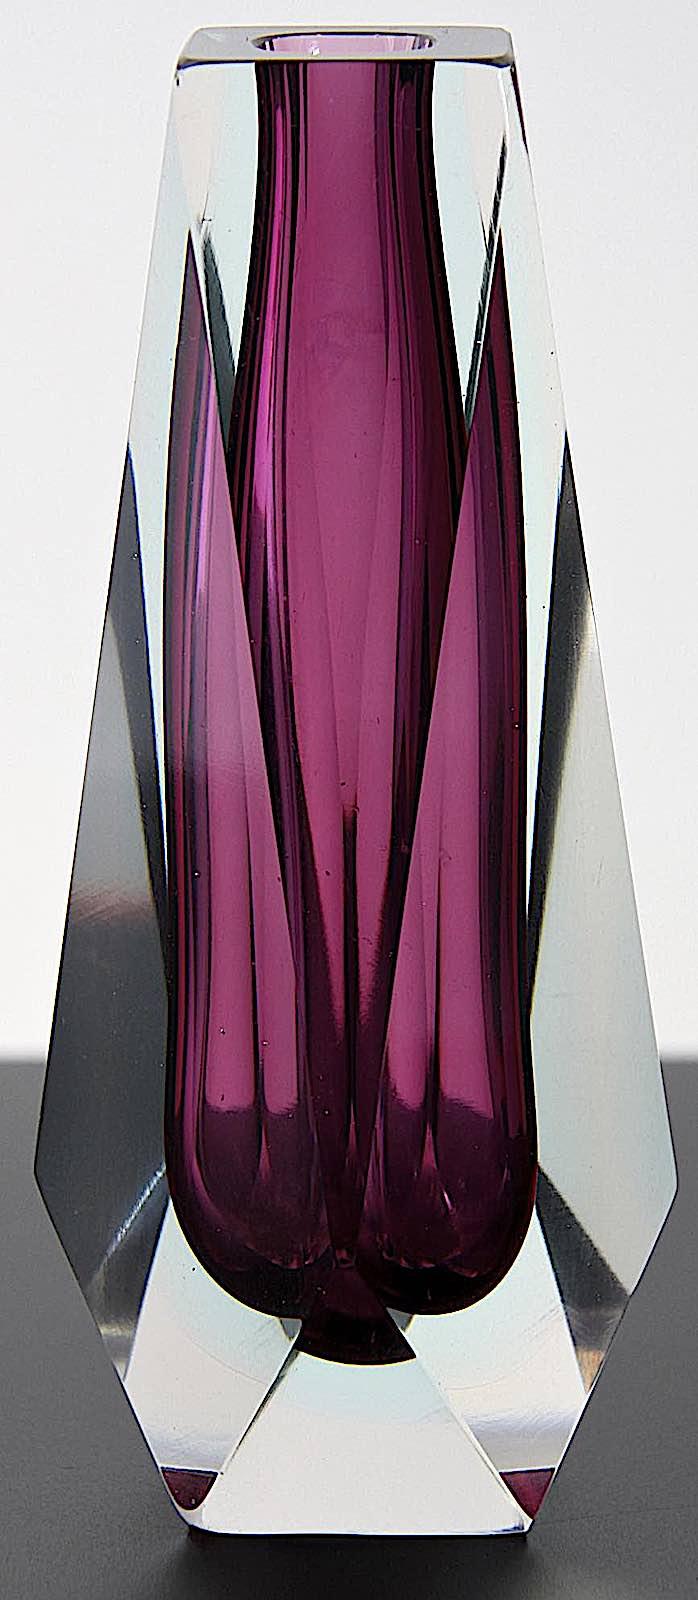 Murano Glass 1960s, a purple glass vase